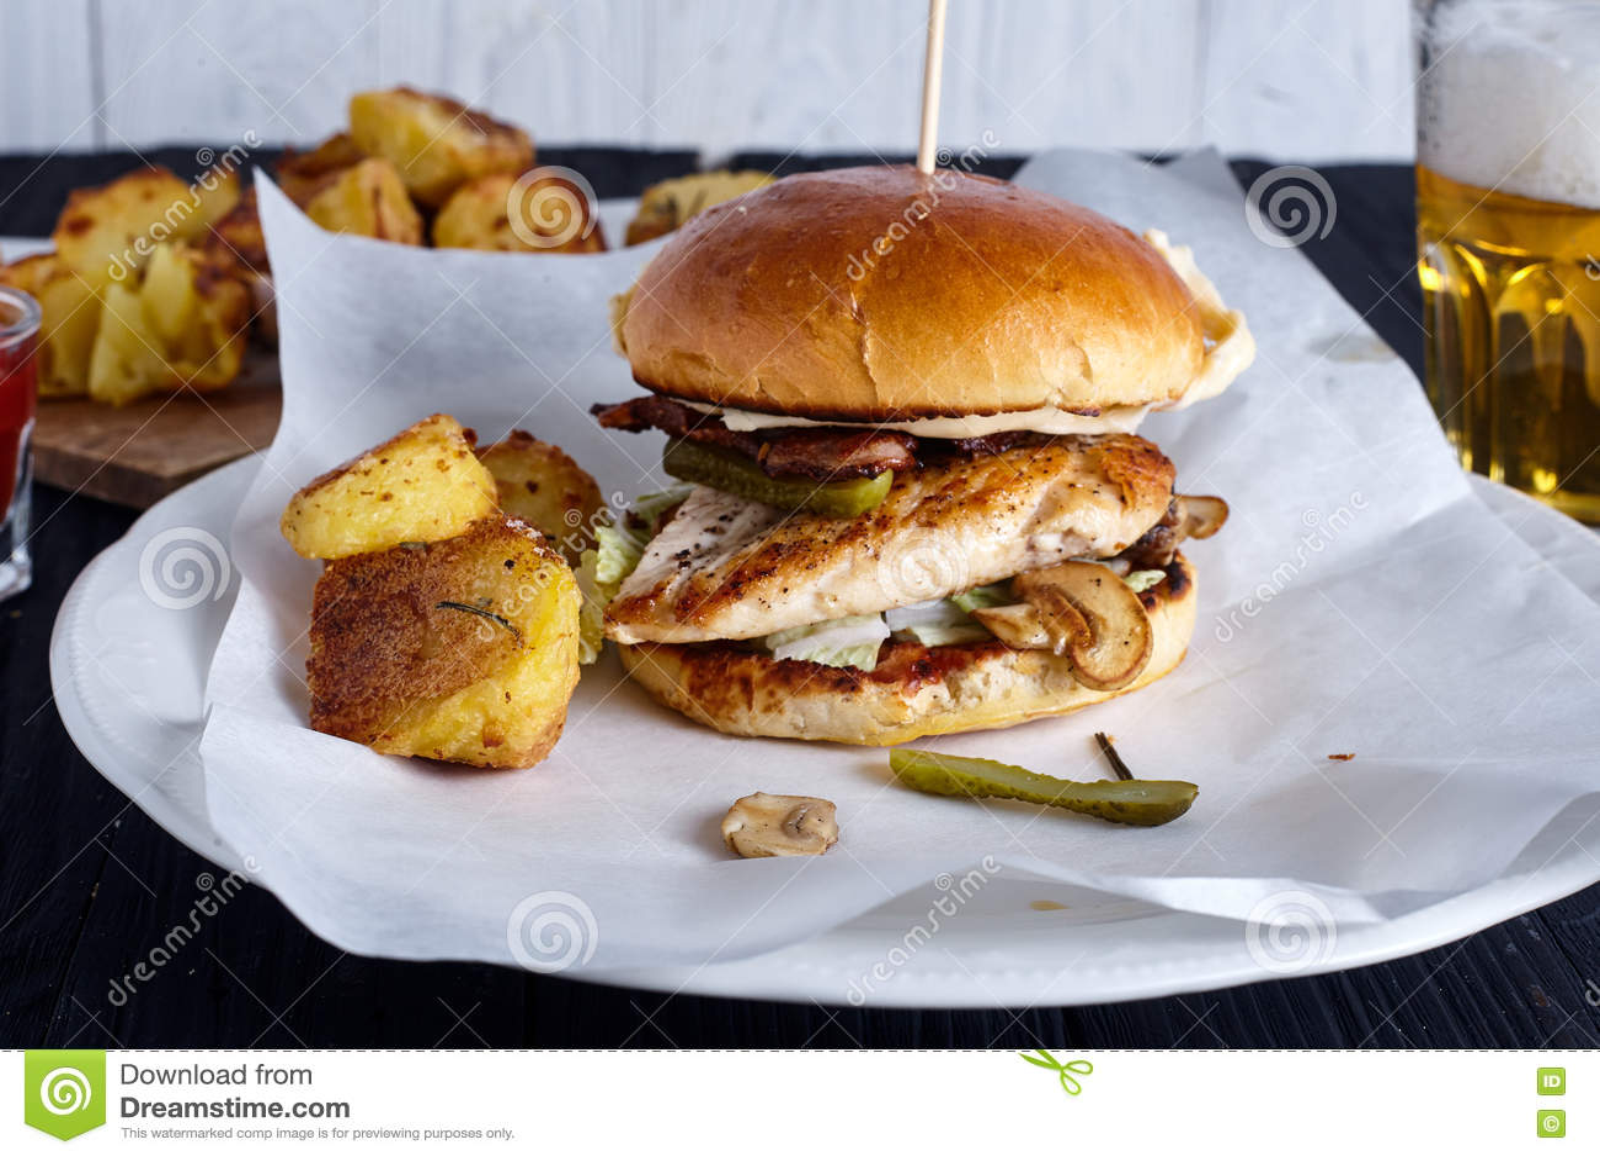 Sandwich au poulet fait maison avec des champignons